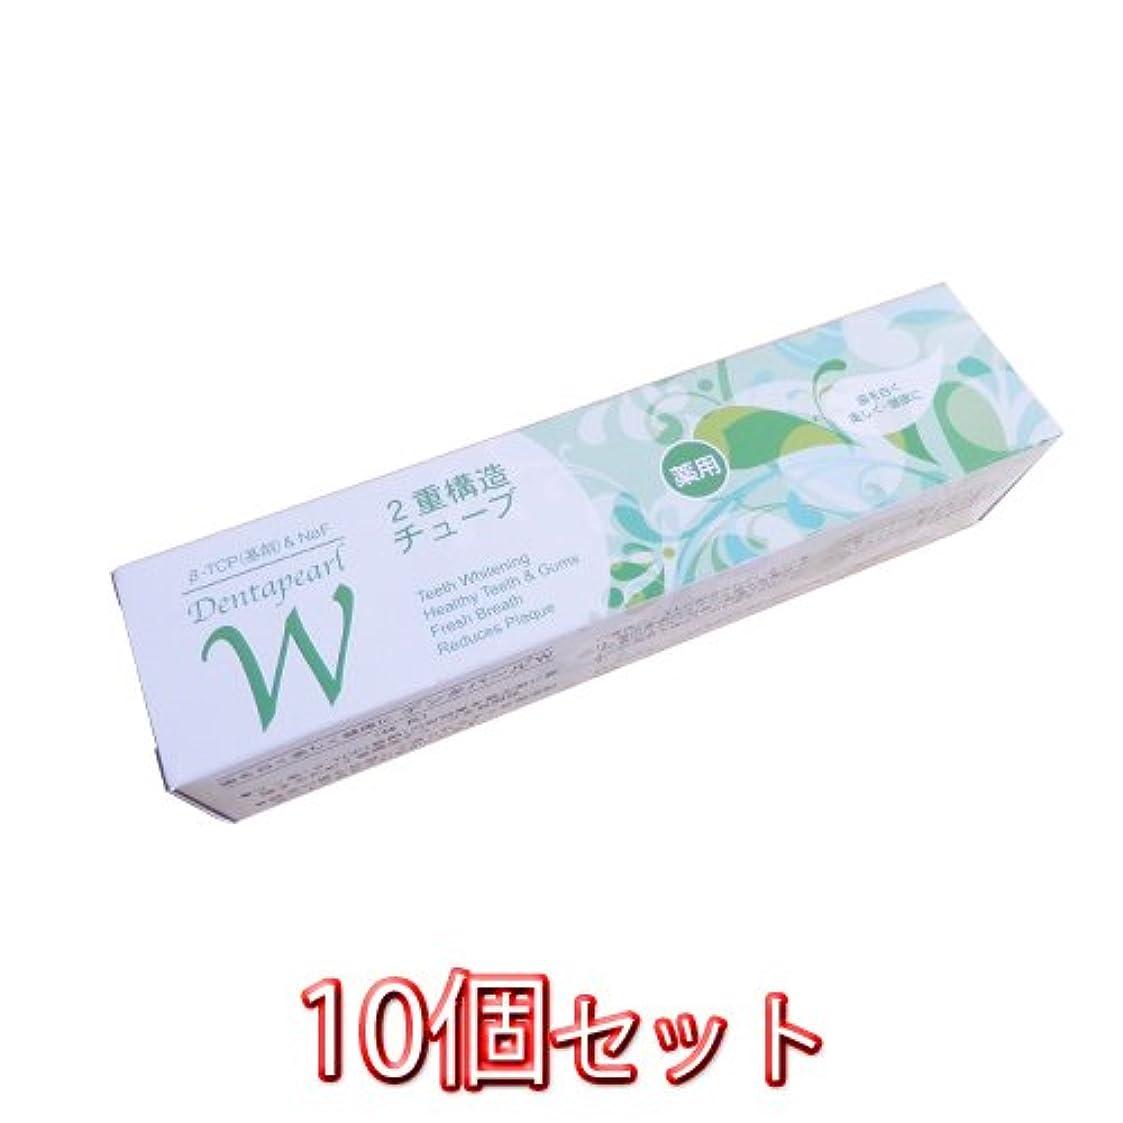 残基アルミニウムフィードバック三宝製薬株式会社 デンタパールW 108g×10本 医薬部外品